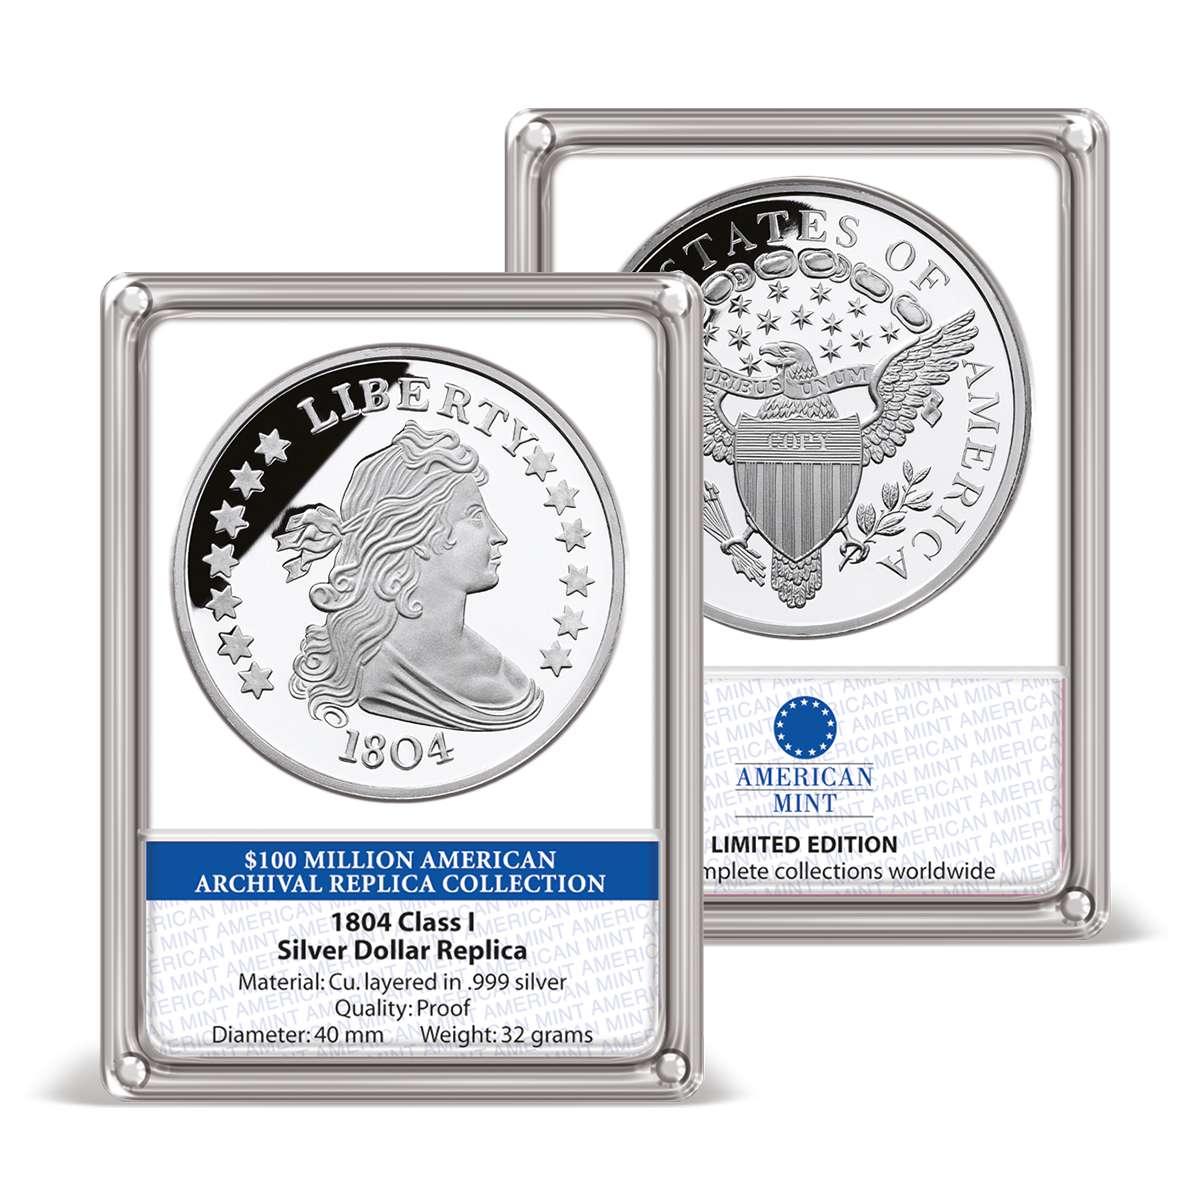 Class I Silver Dollar Replica Archival Edition